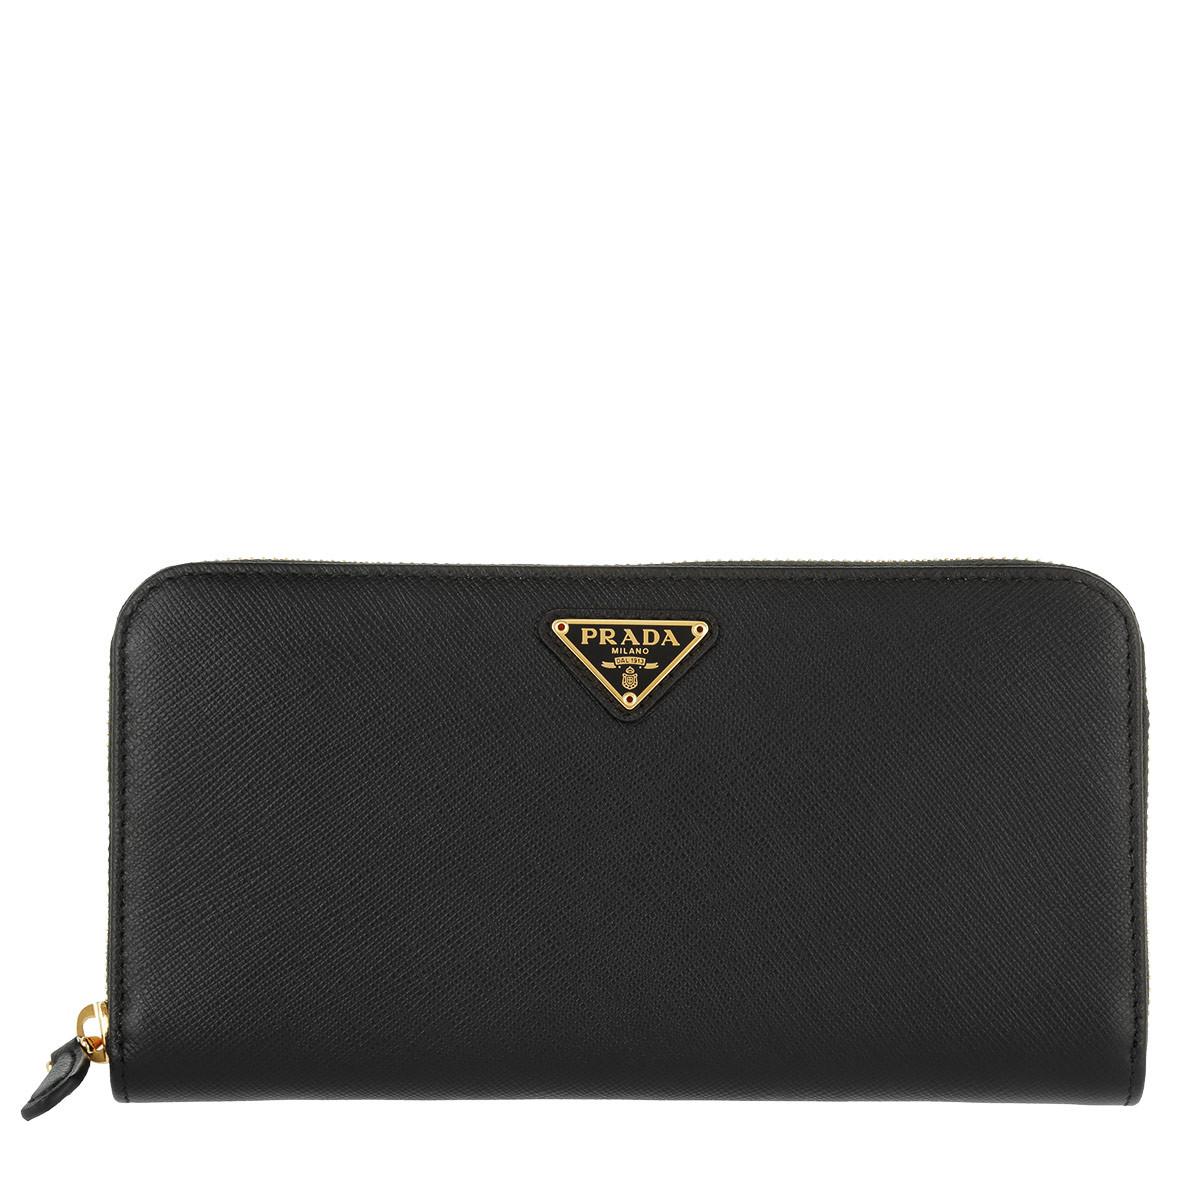 Prada Portemonnaie - Classic Zip Wallet Saffiano Logo Triangolo Nero - in schwarz - für Damen